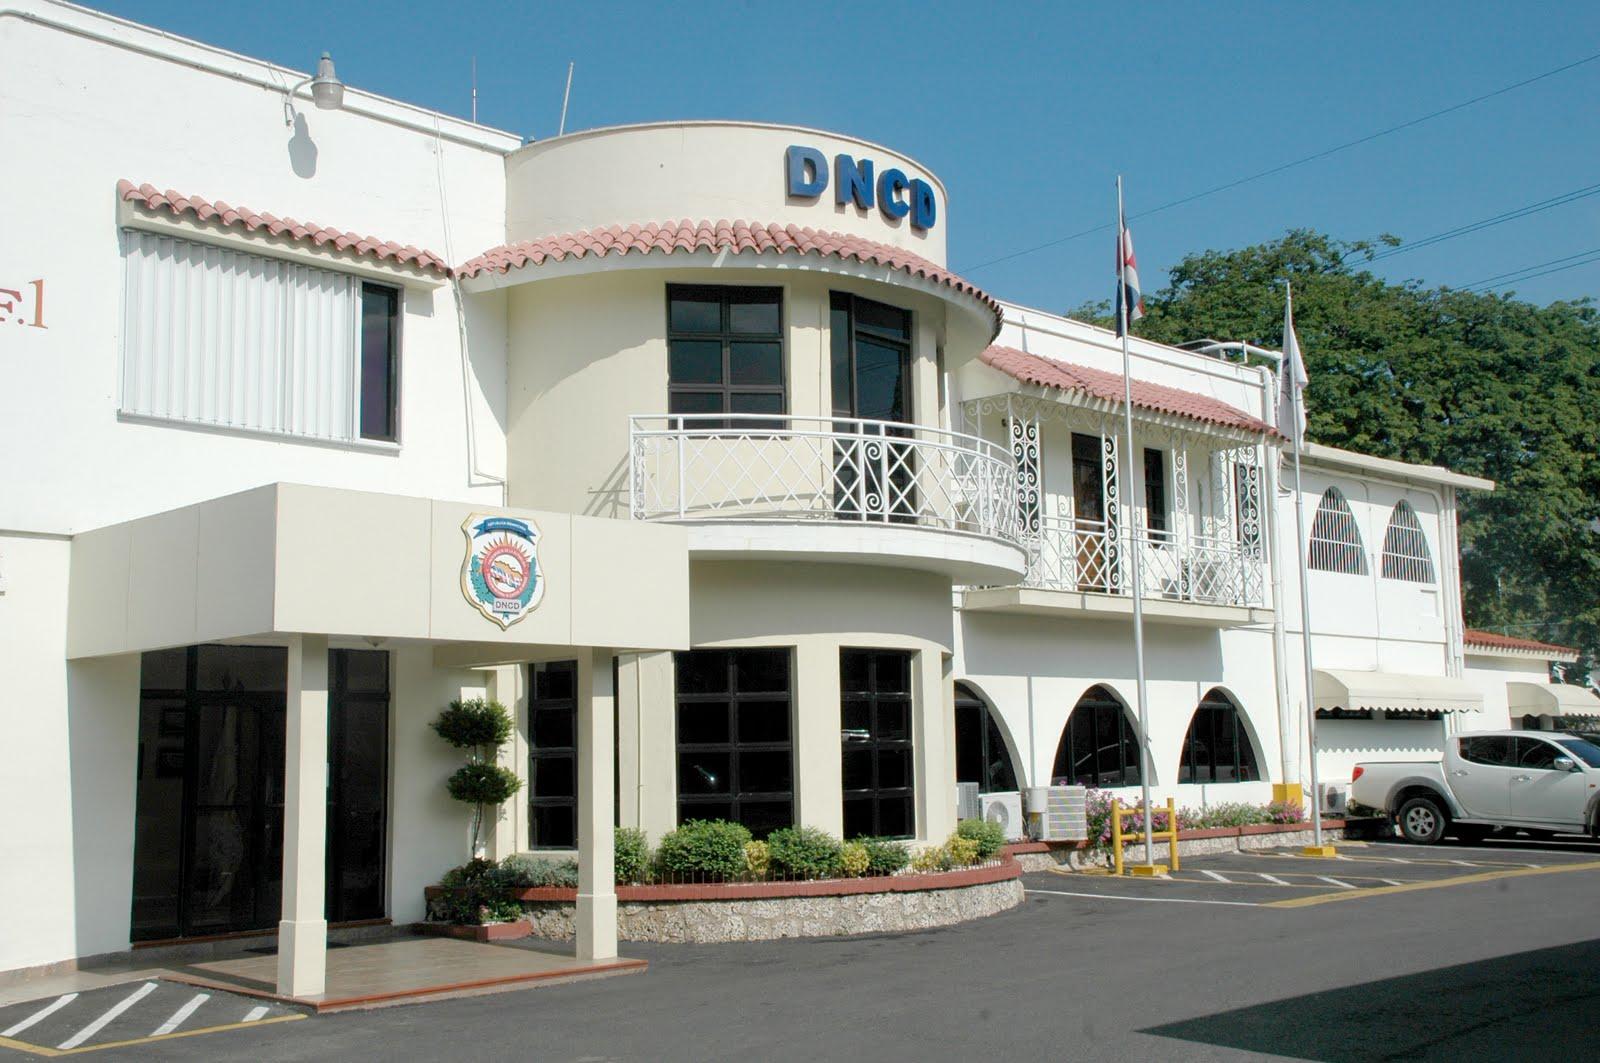 La DNCD apresa otro implicado en el caso de los 353.45 kilos de droga en Boca de Yuma